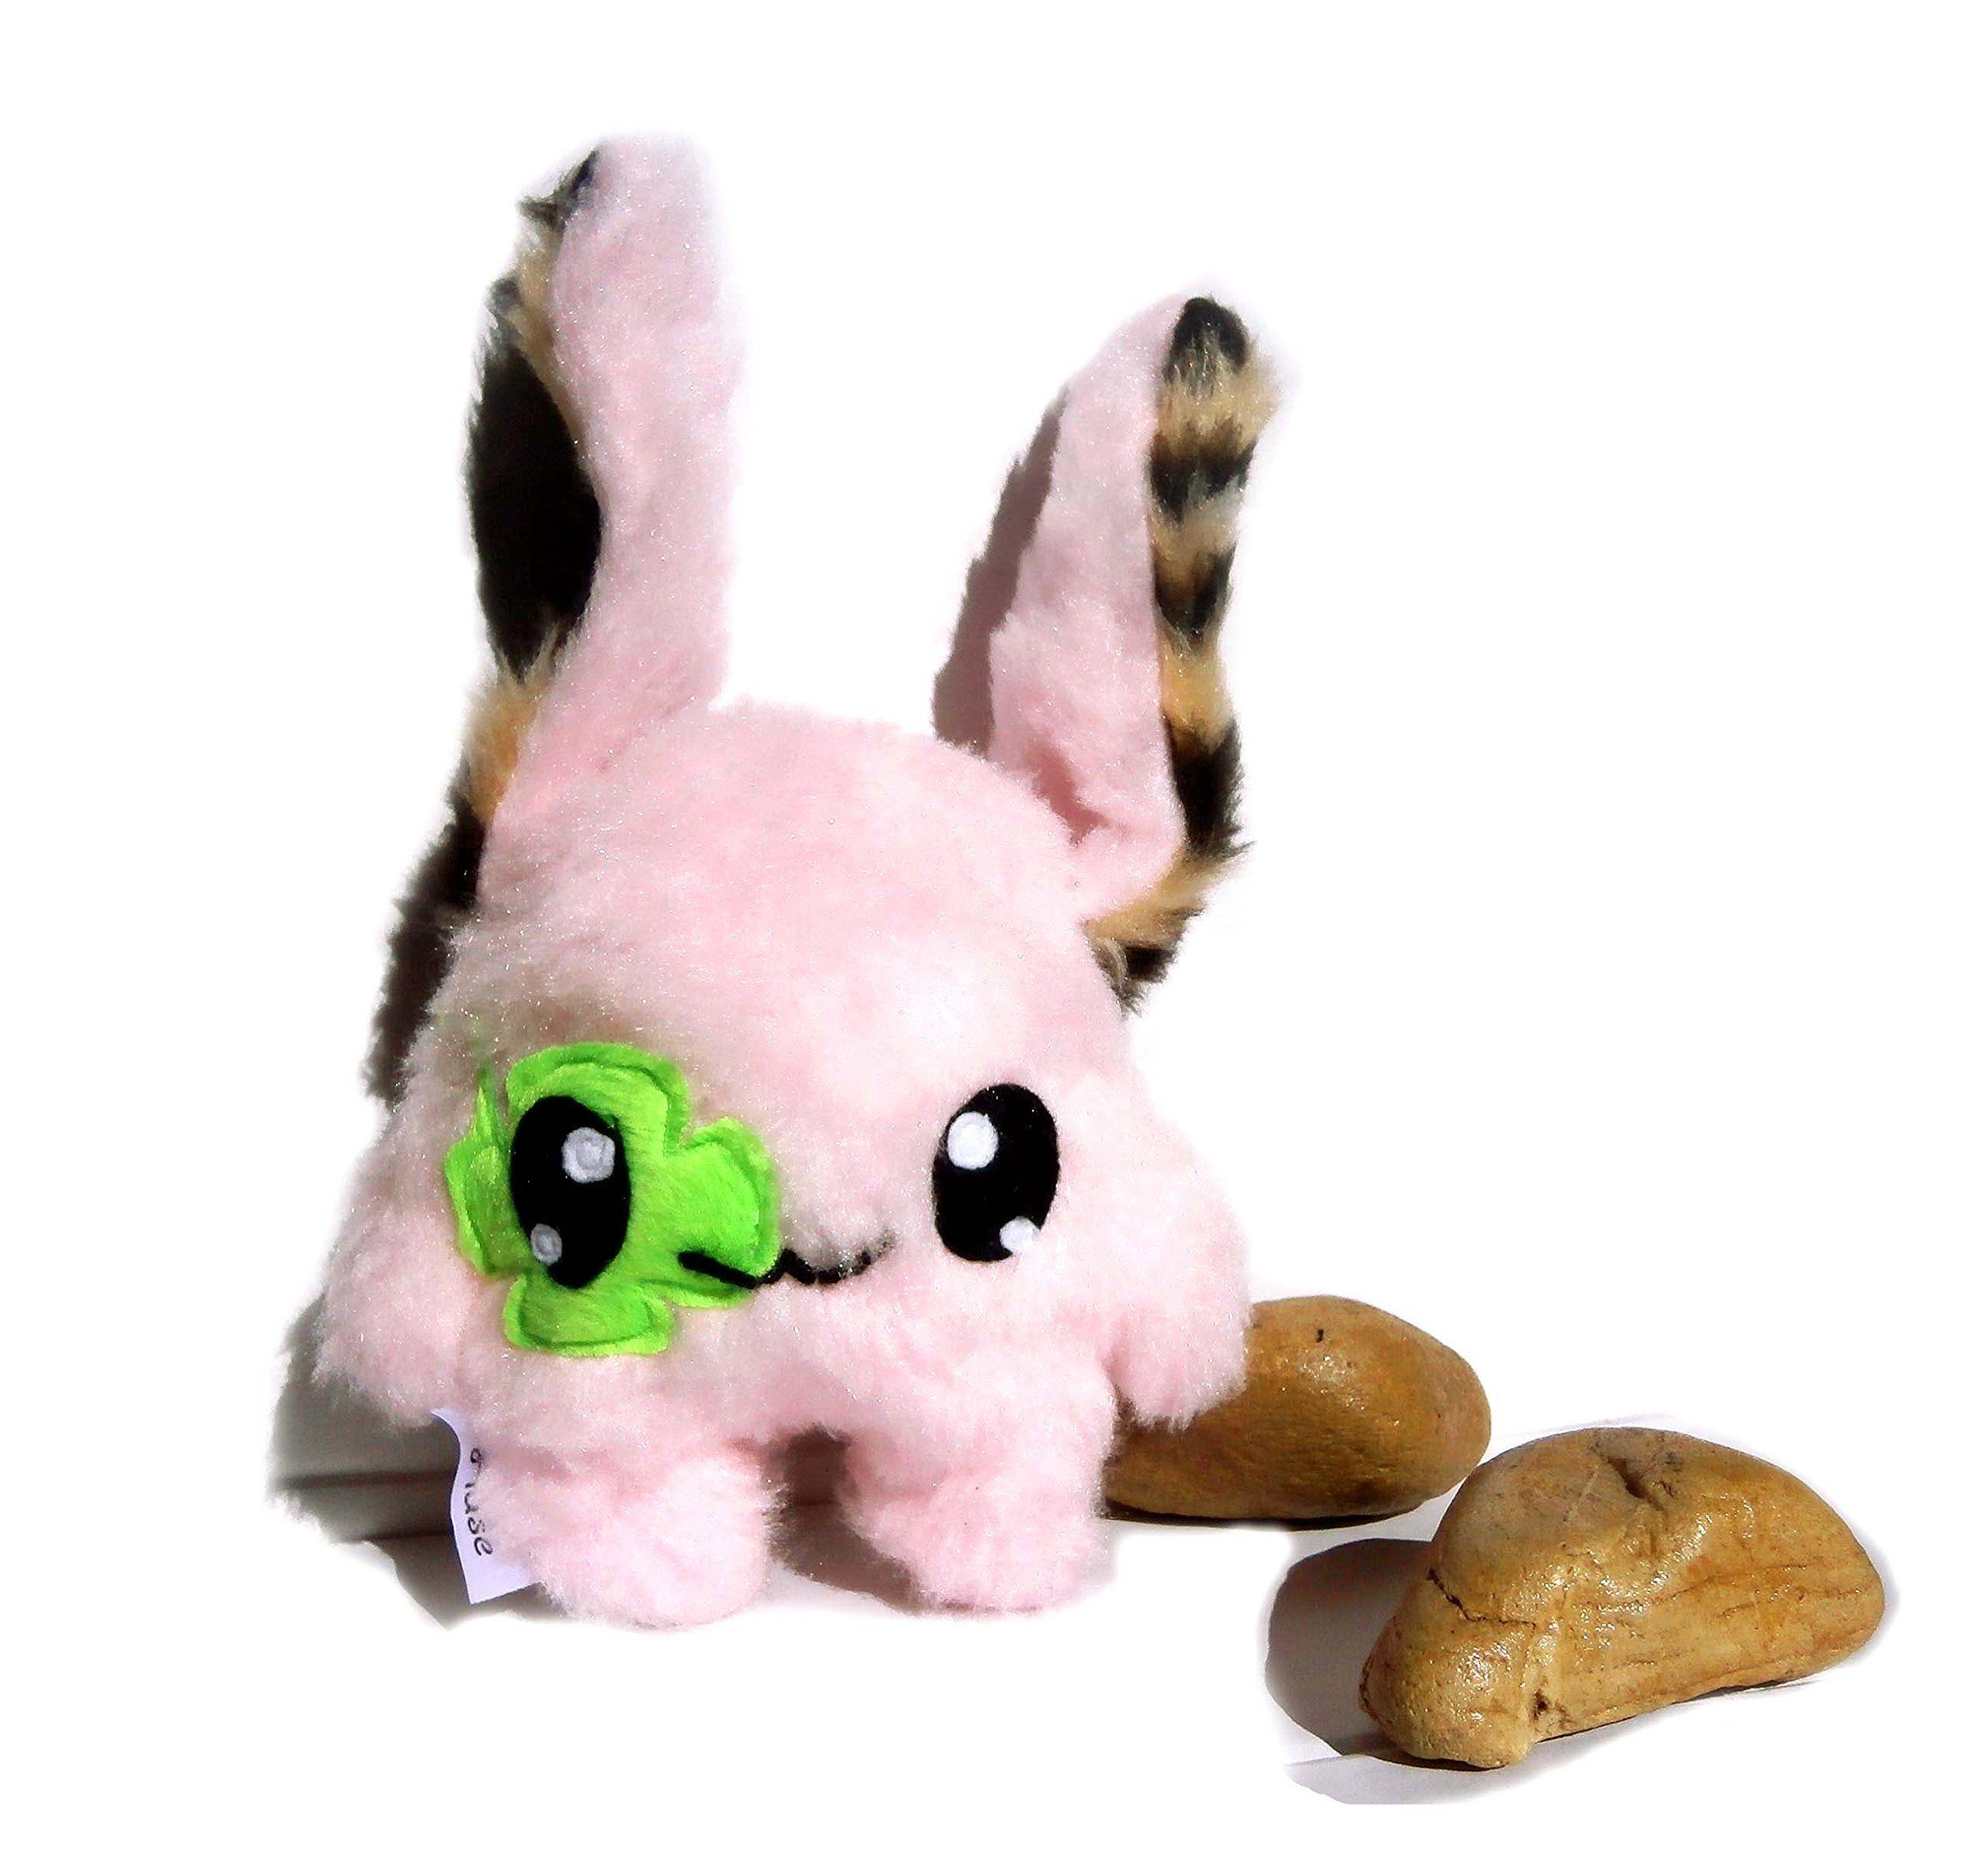 Kawaii Plush Monster Hase weiss pink Handarbeit Unikat: Amazon.de: Küche & Haushalt